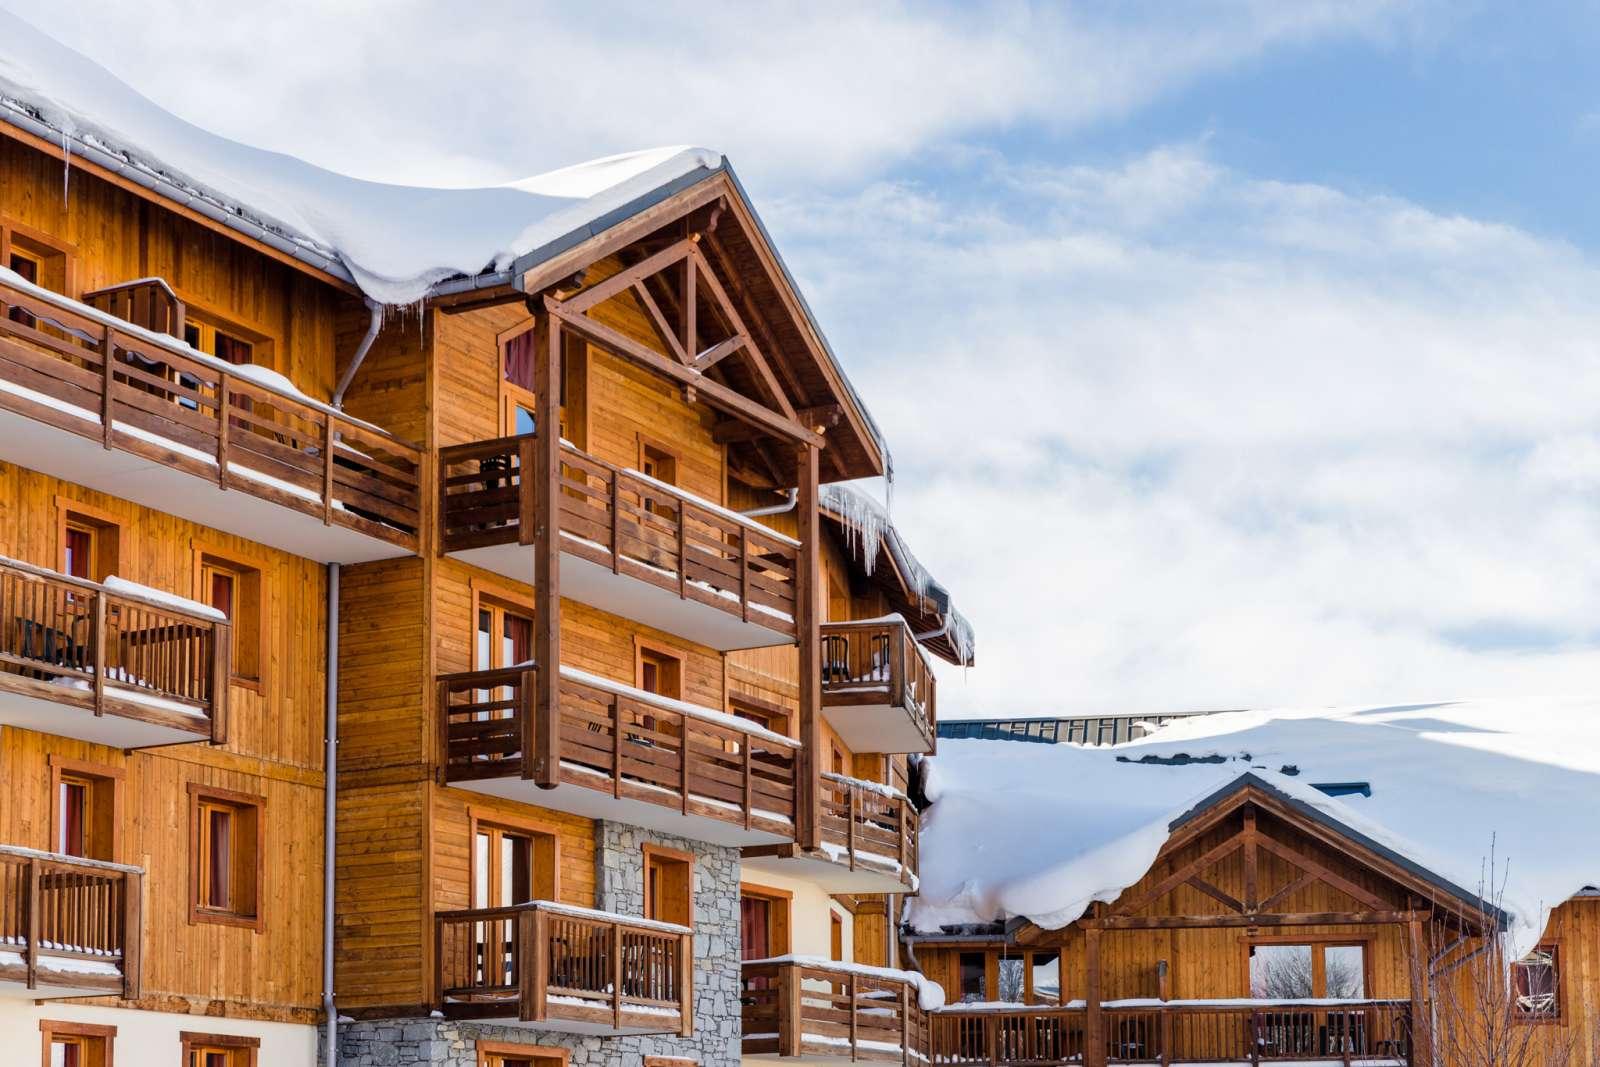 France - Alpes - La Toussuire - Résidence Lagrange Vacances Les Hauts de Comborcière